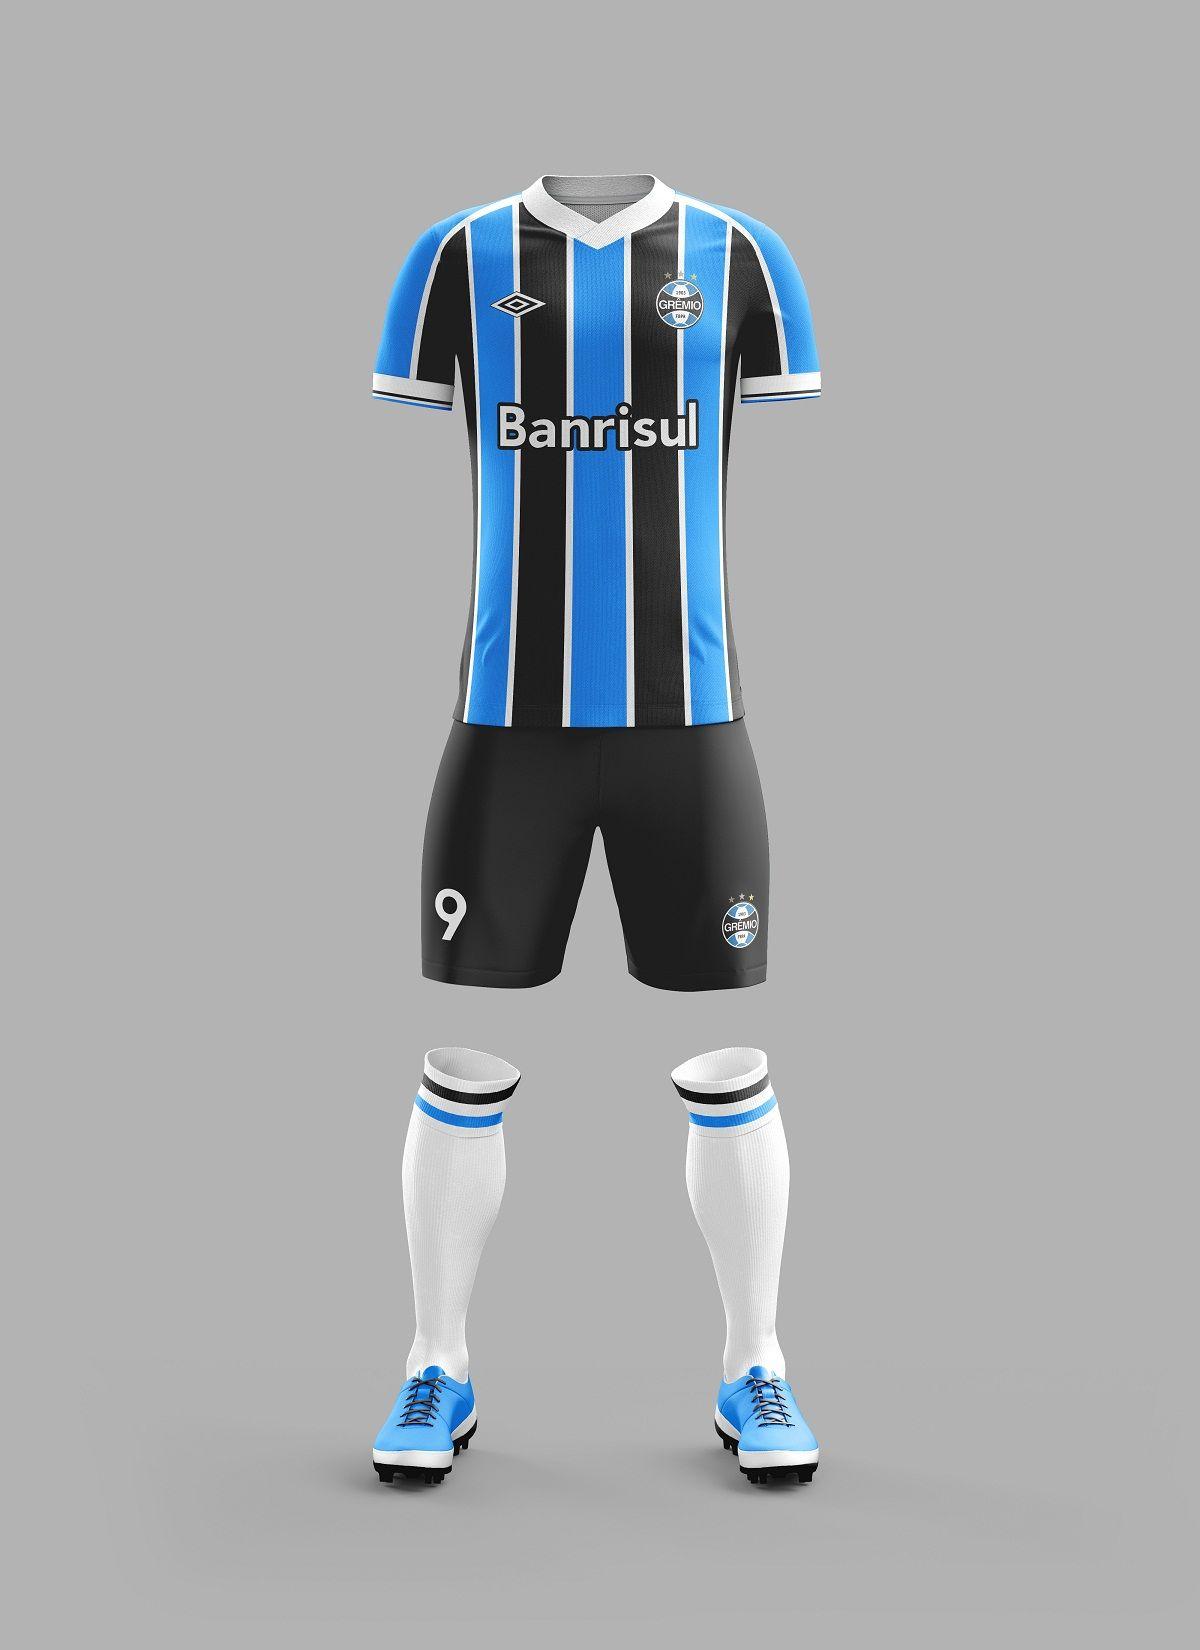 5090357caa924 Mais modelos de camisa para o Grêmio - GremioAvalanche.com.br - Grêmio FBPA